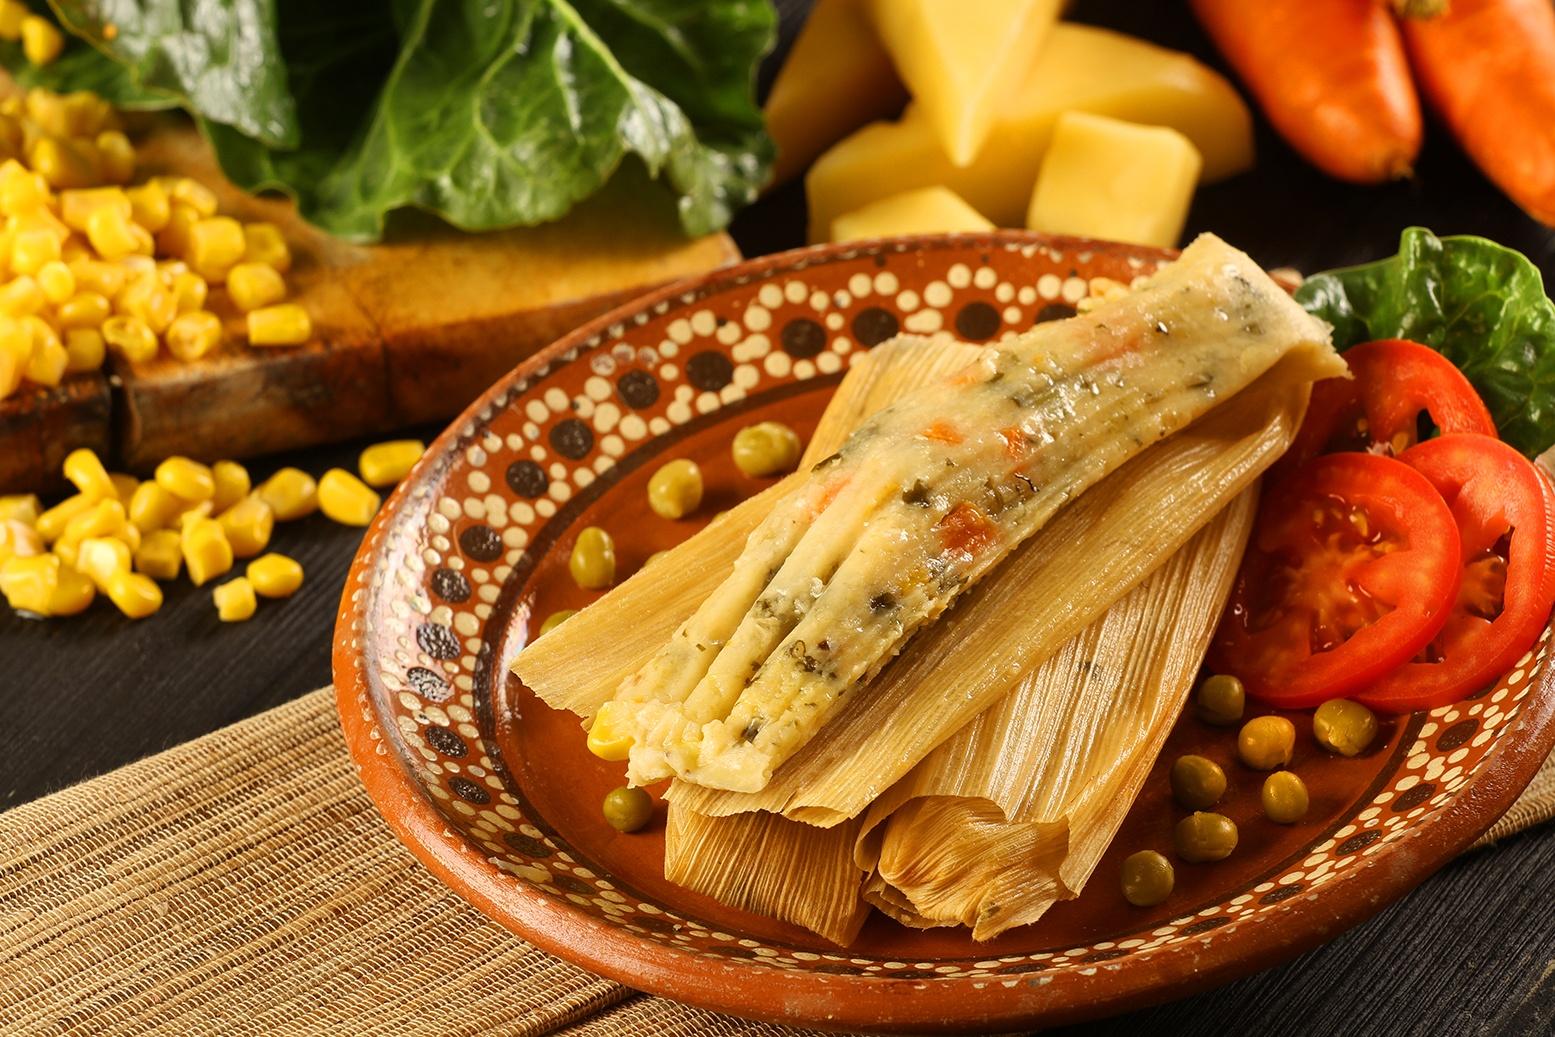 https://0201.nccdn.net/4_2/000/000/046/6ea/IMG_5179-verduras-con-queso-1555x1037.jpg